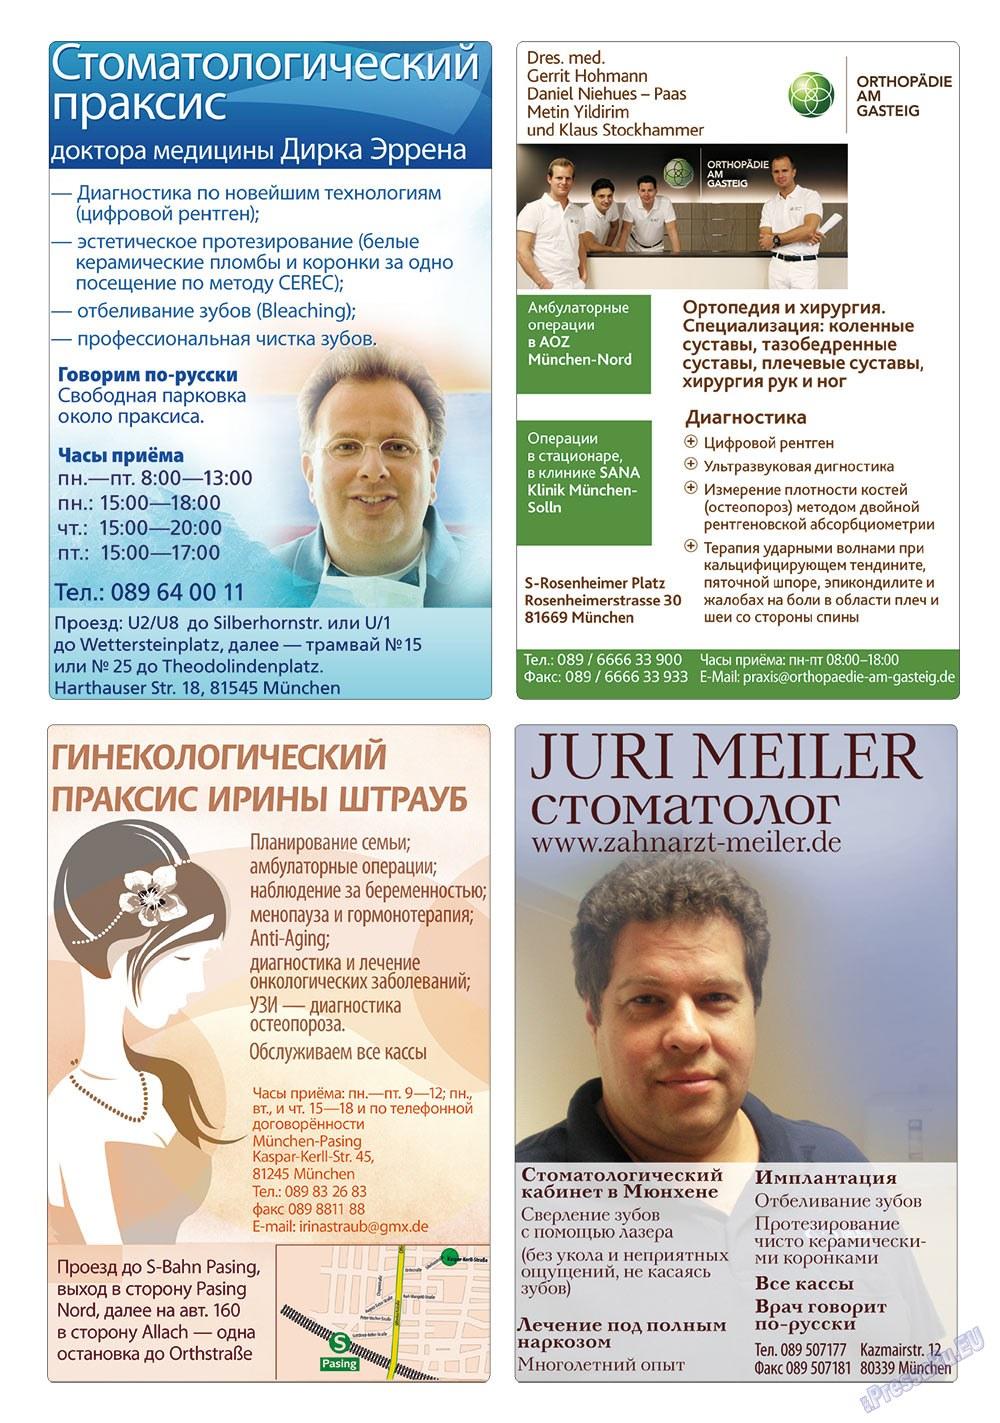 Апельсин (журнал). 2011 год, номер 25, стр. 41